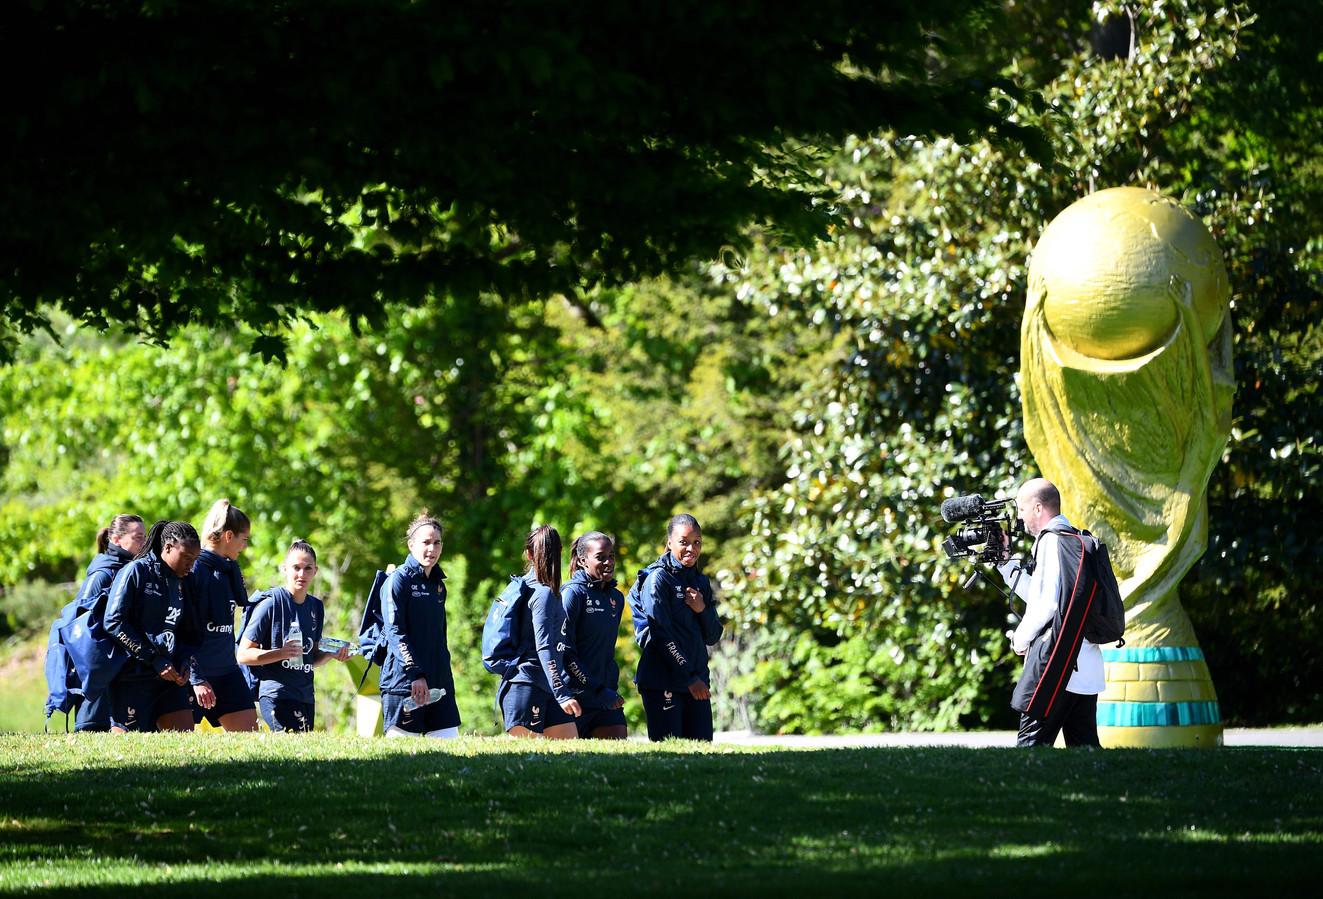 Les Bleues arrivant à l'entraînement, mardi, à Clairefontaine